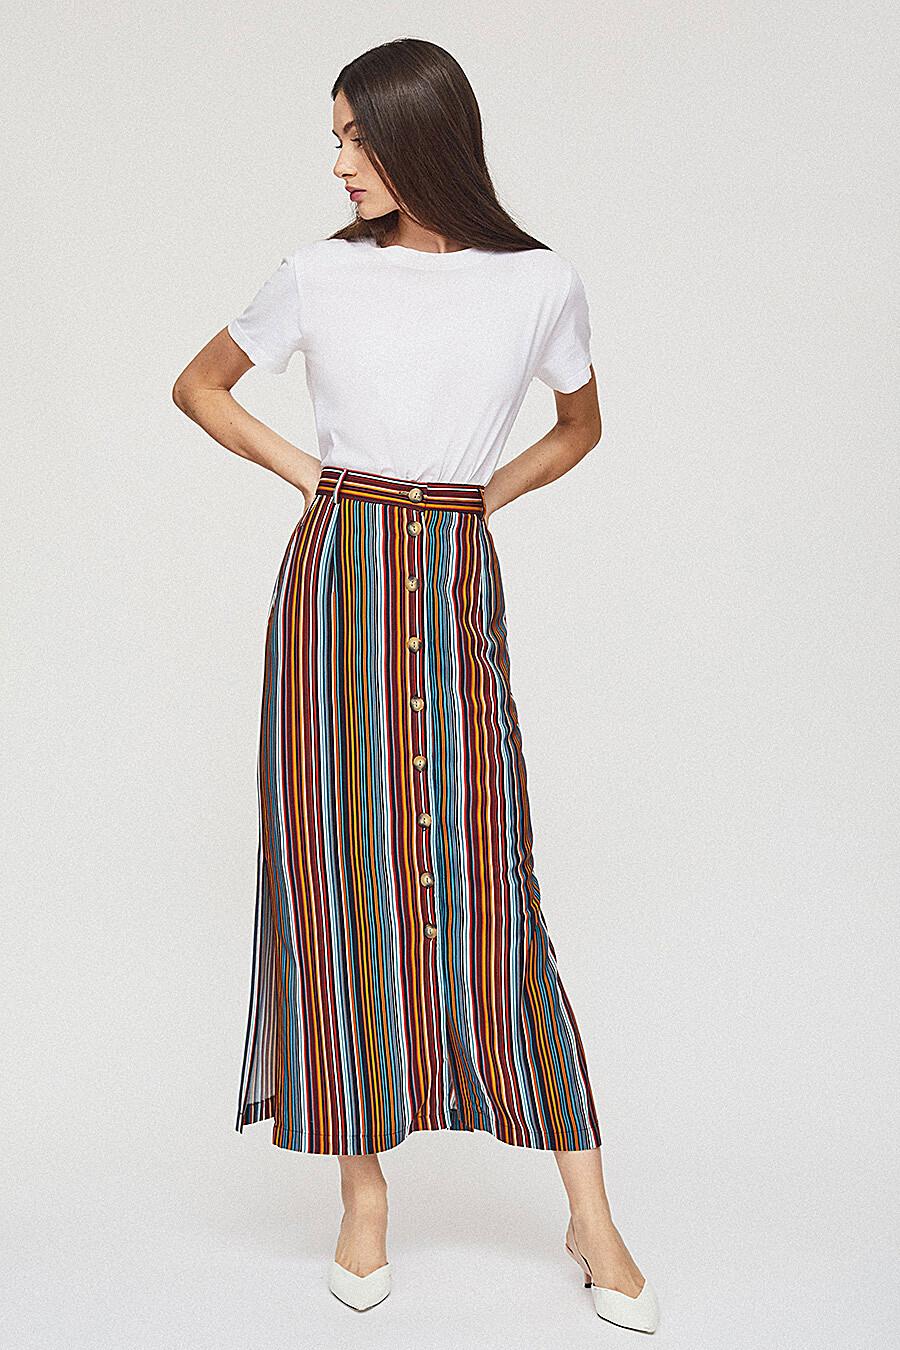 Юбка для женщин CALISTA 239397 купить оптом от производителя. Совместная покупка женской одежды в OptMoyo